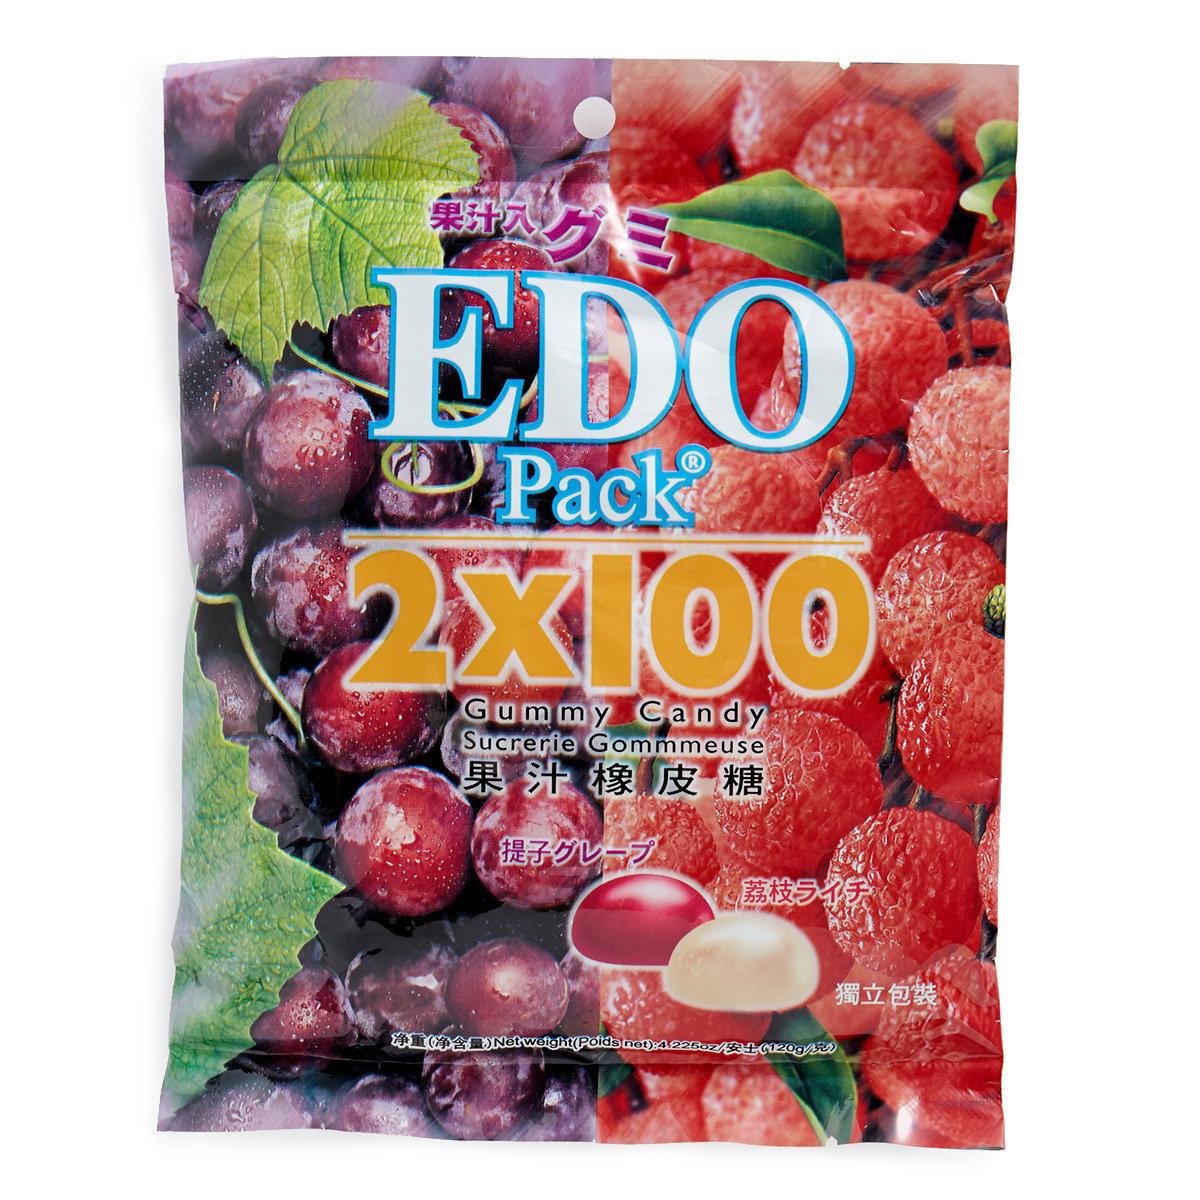 2x100果汁橡皮糖 (荔枝味+提子味)